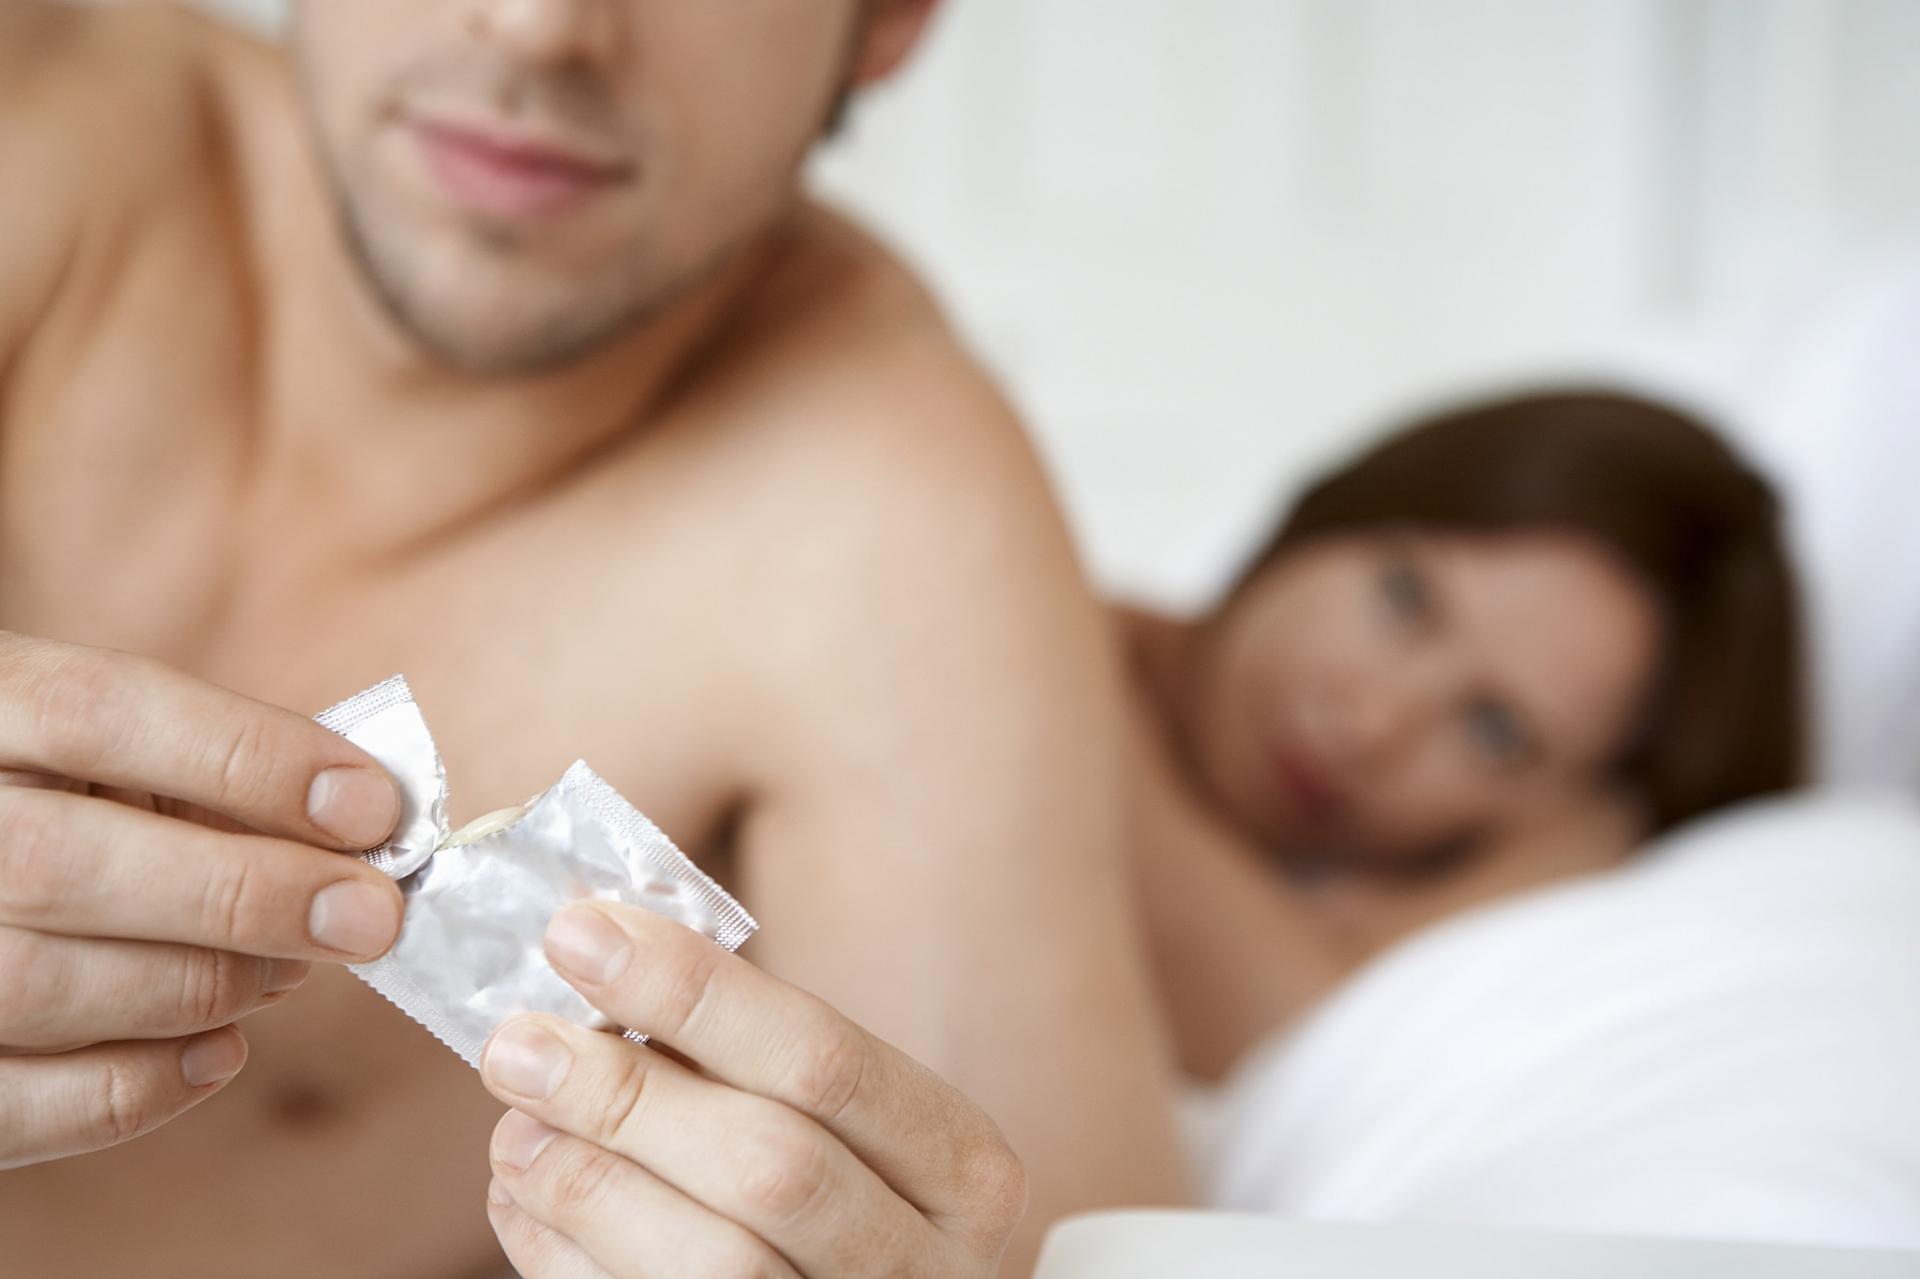 Что делать, если слетел презерватив? Отвечает Игорь Лапин